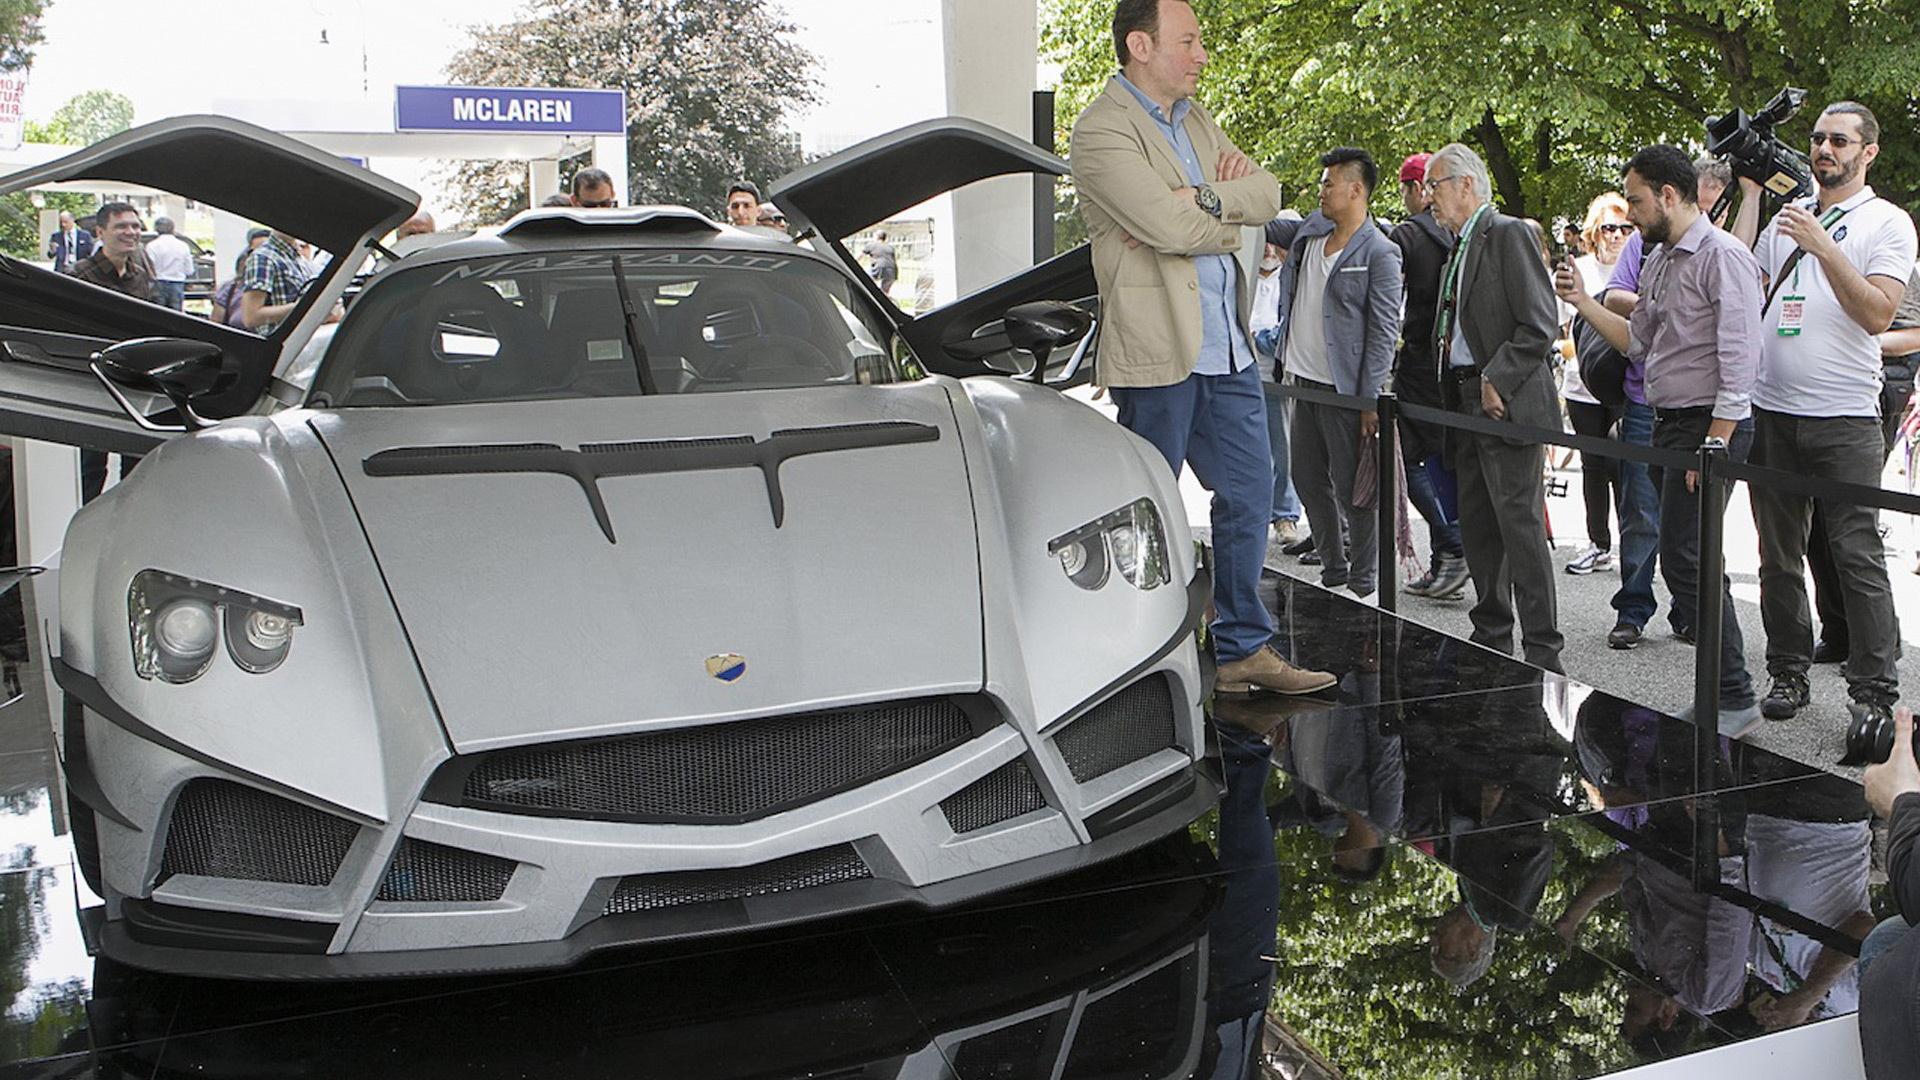 Mazzanti Evantra Millecavalli, 2016 Turin Auto Show